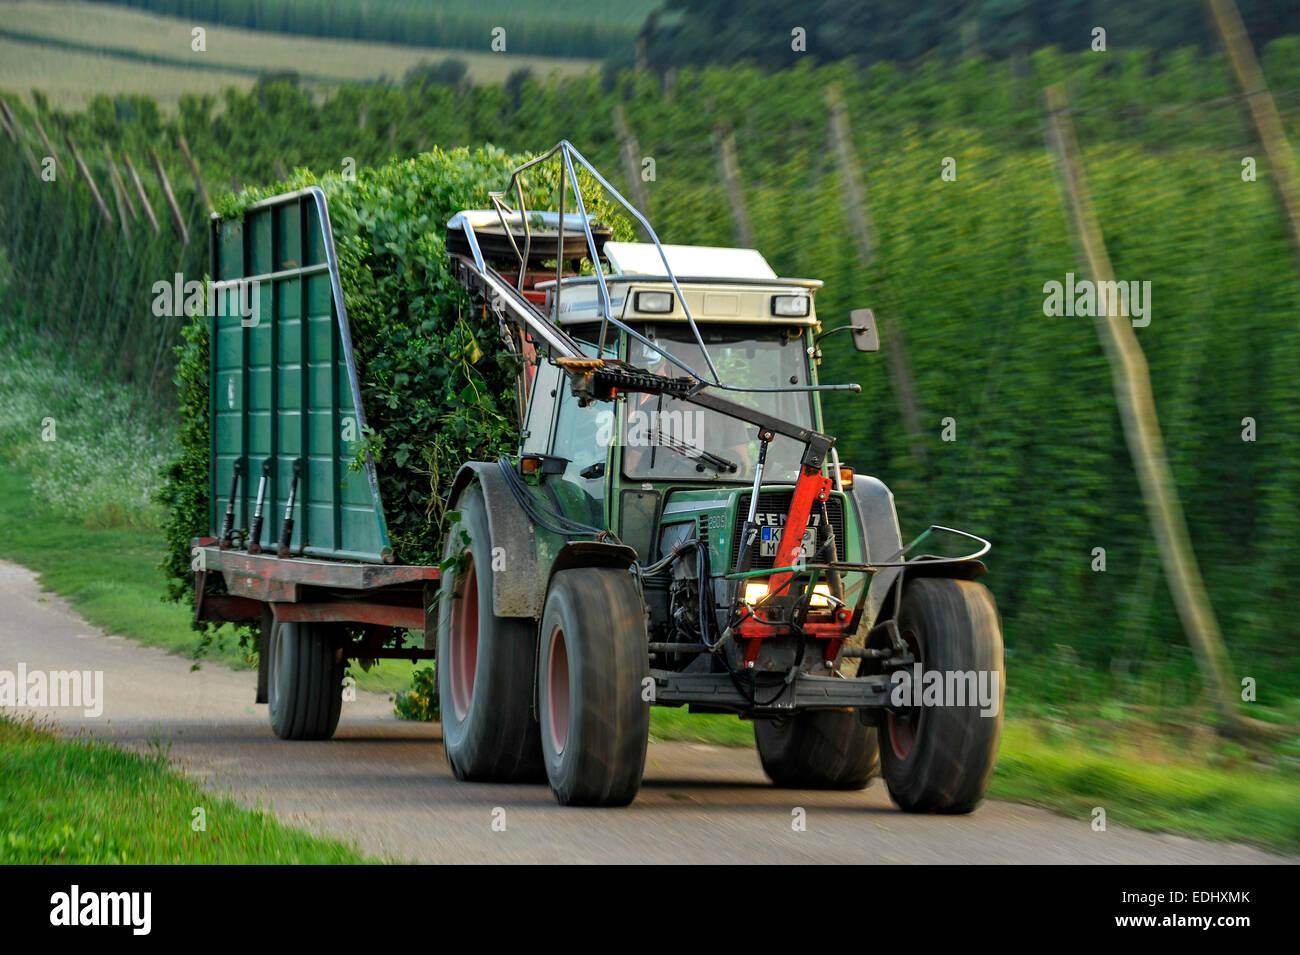 Transporting im genes de stock transporting fotos de for El jardin del lupulo